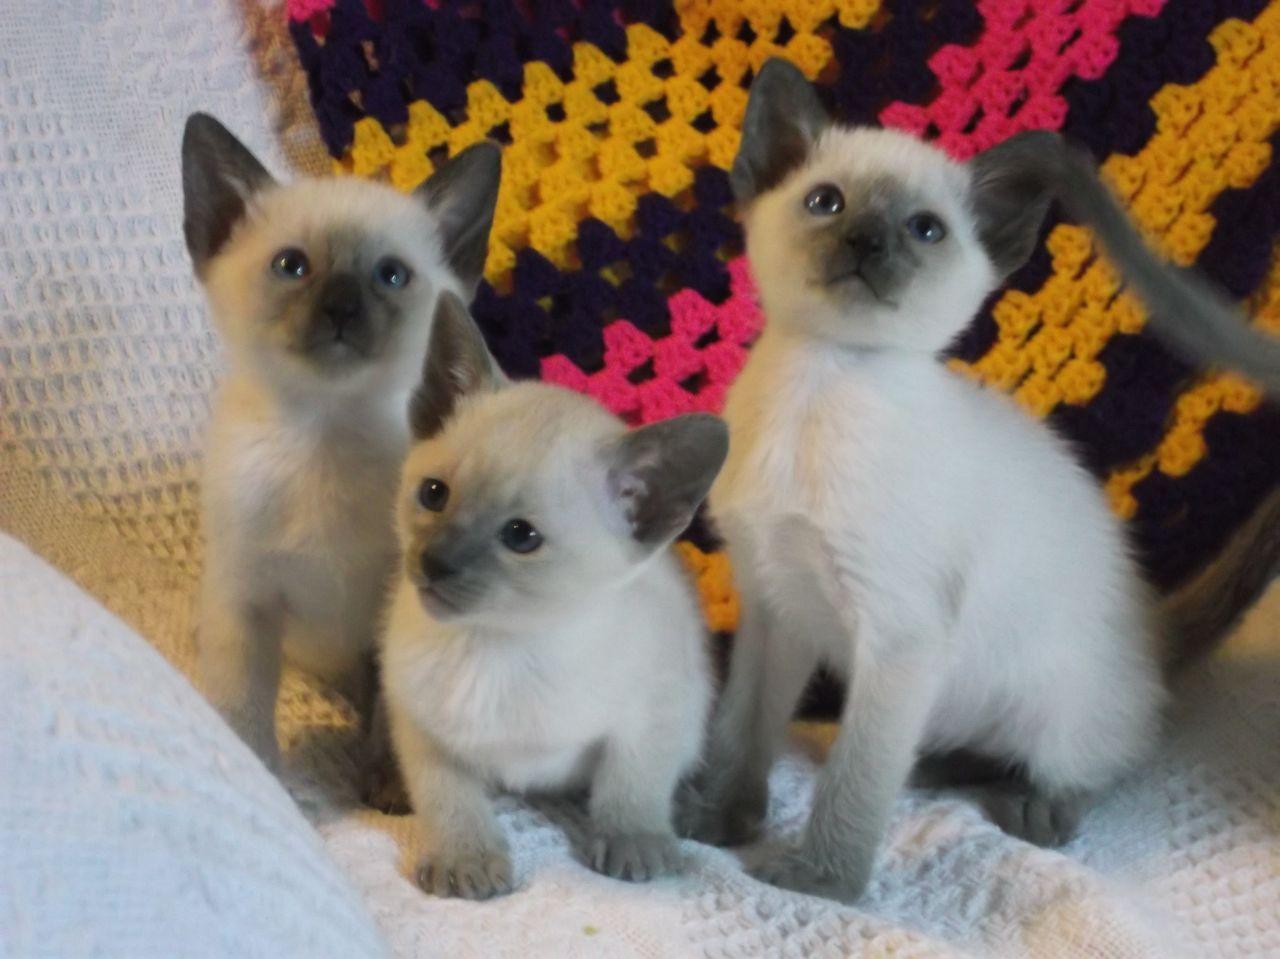 Funny Blue Siamese kittens Cats siamese Siamese